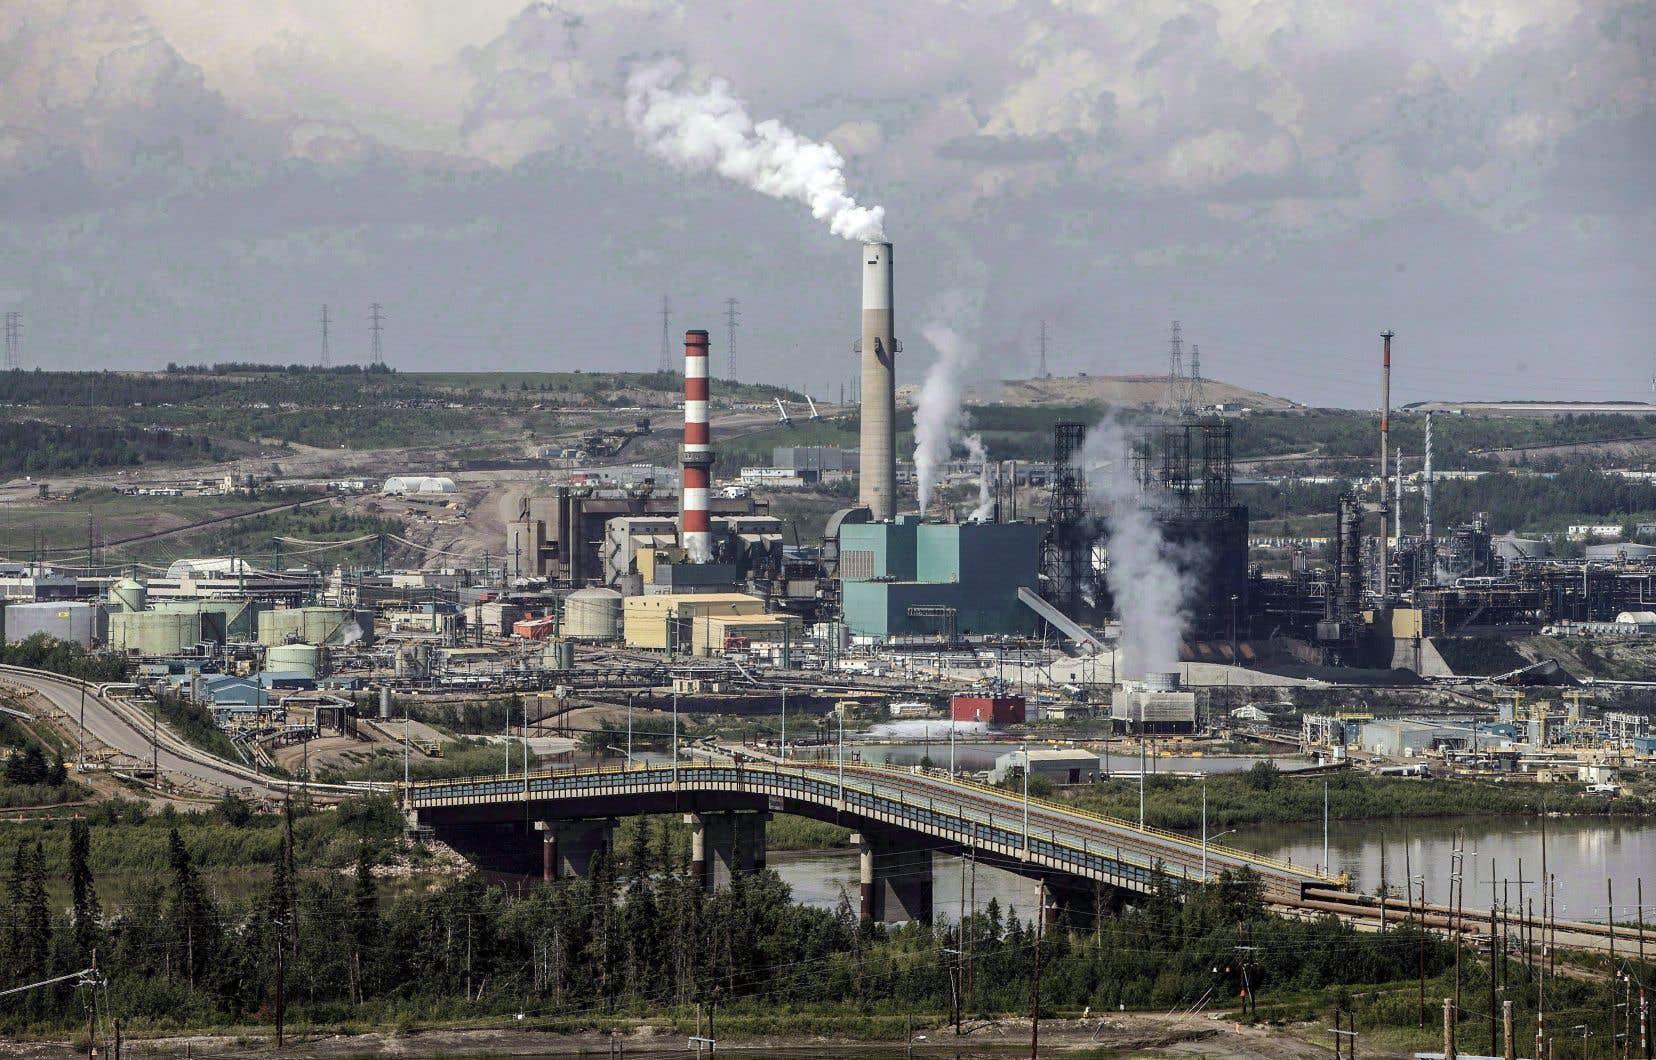 Les projets d'investissements s'annoncent encore plus rares dans le secteur de l'énergie canadien en dépit du récent rebond des prix mondiaux du pétrole.